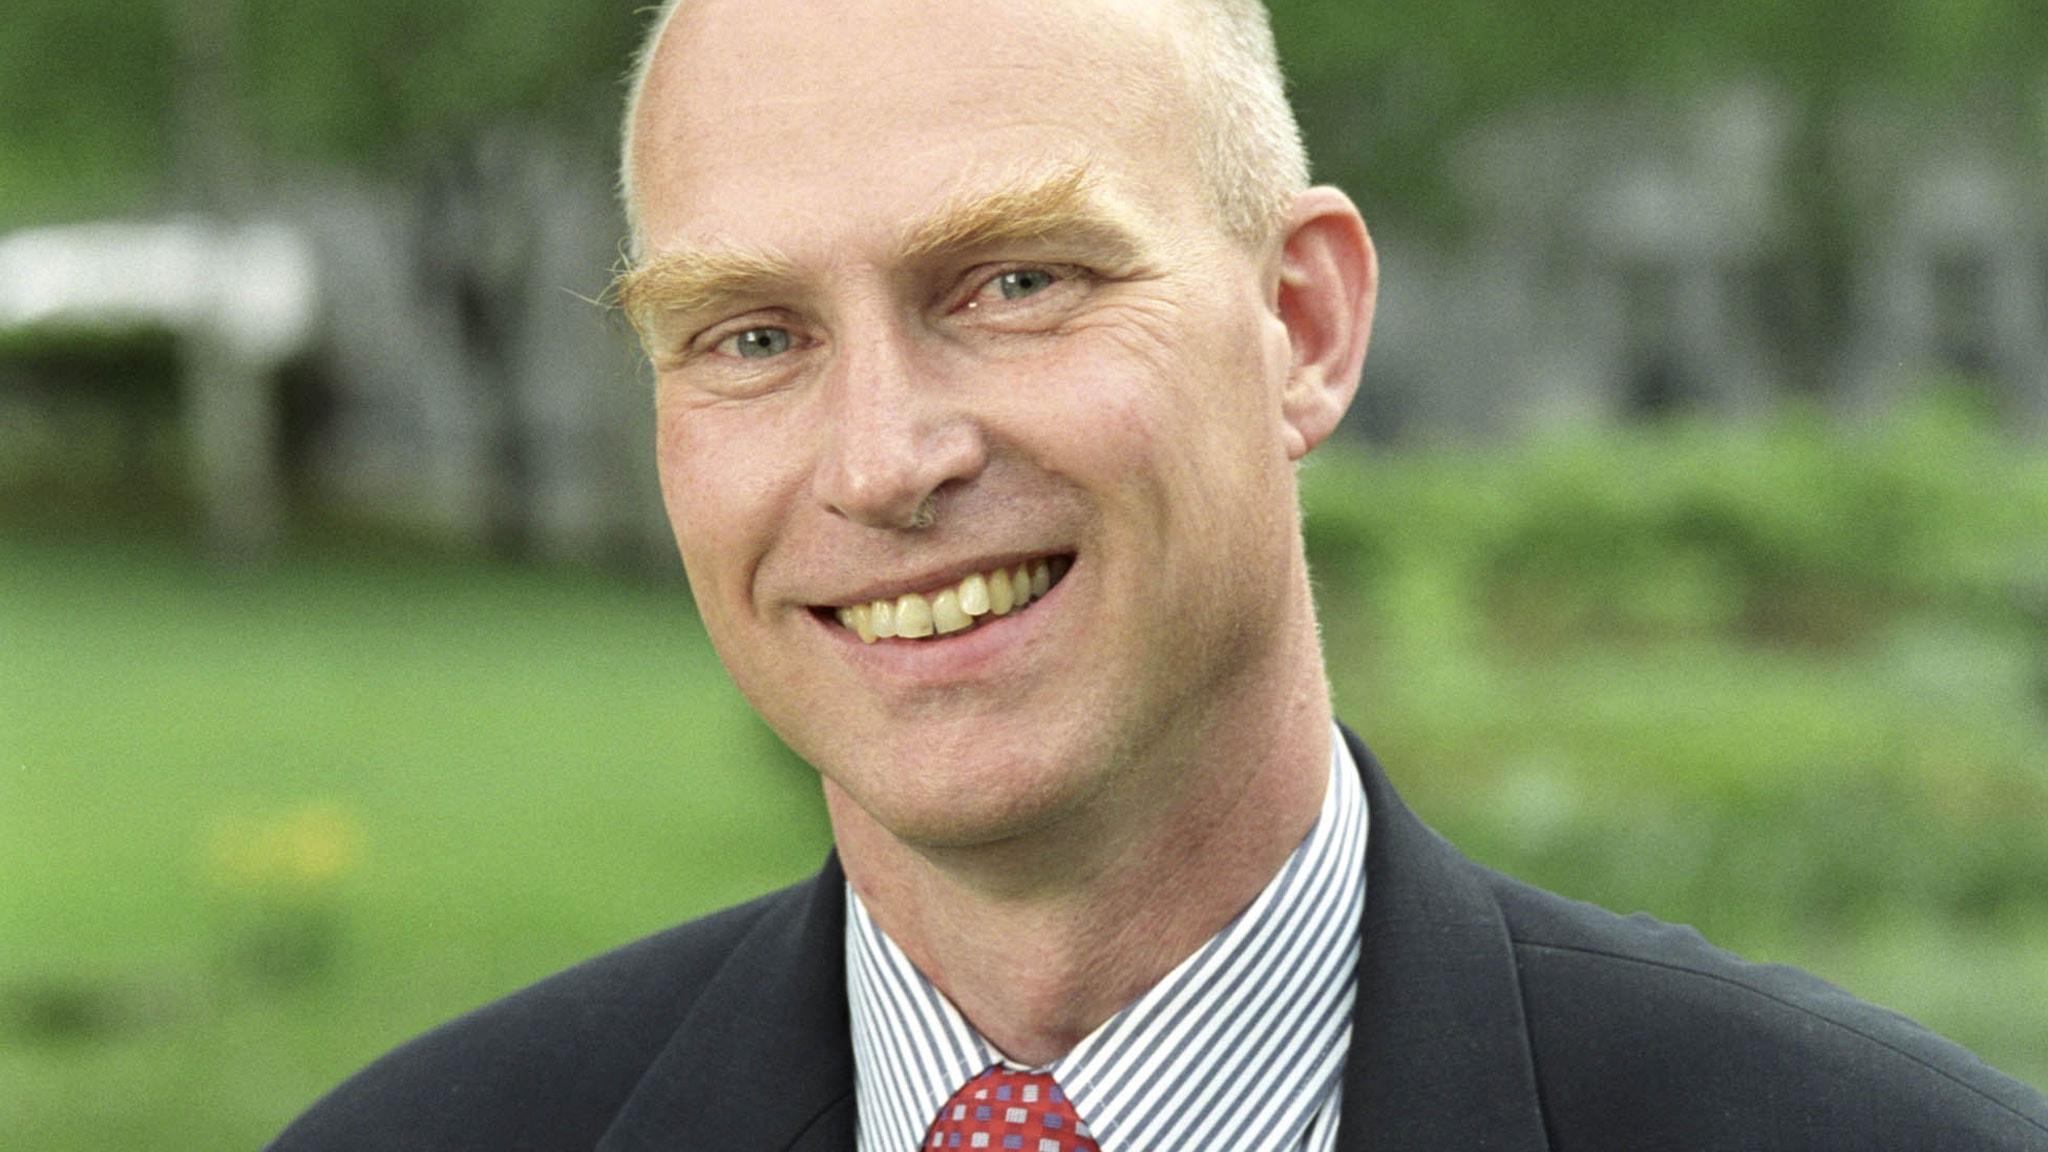 Lars O Grönstedt